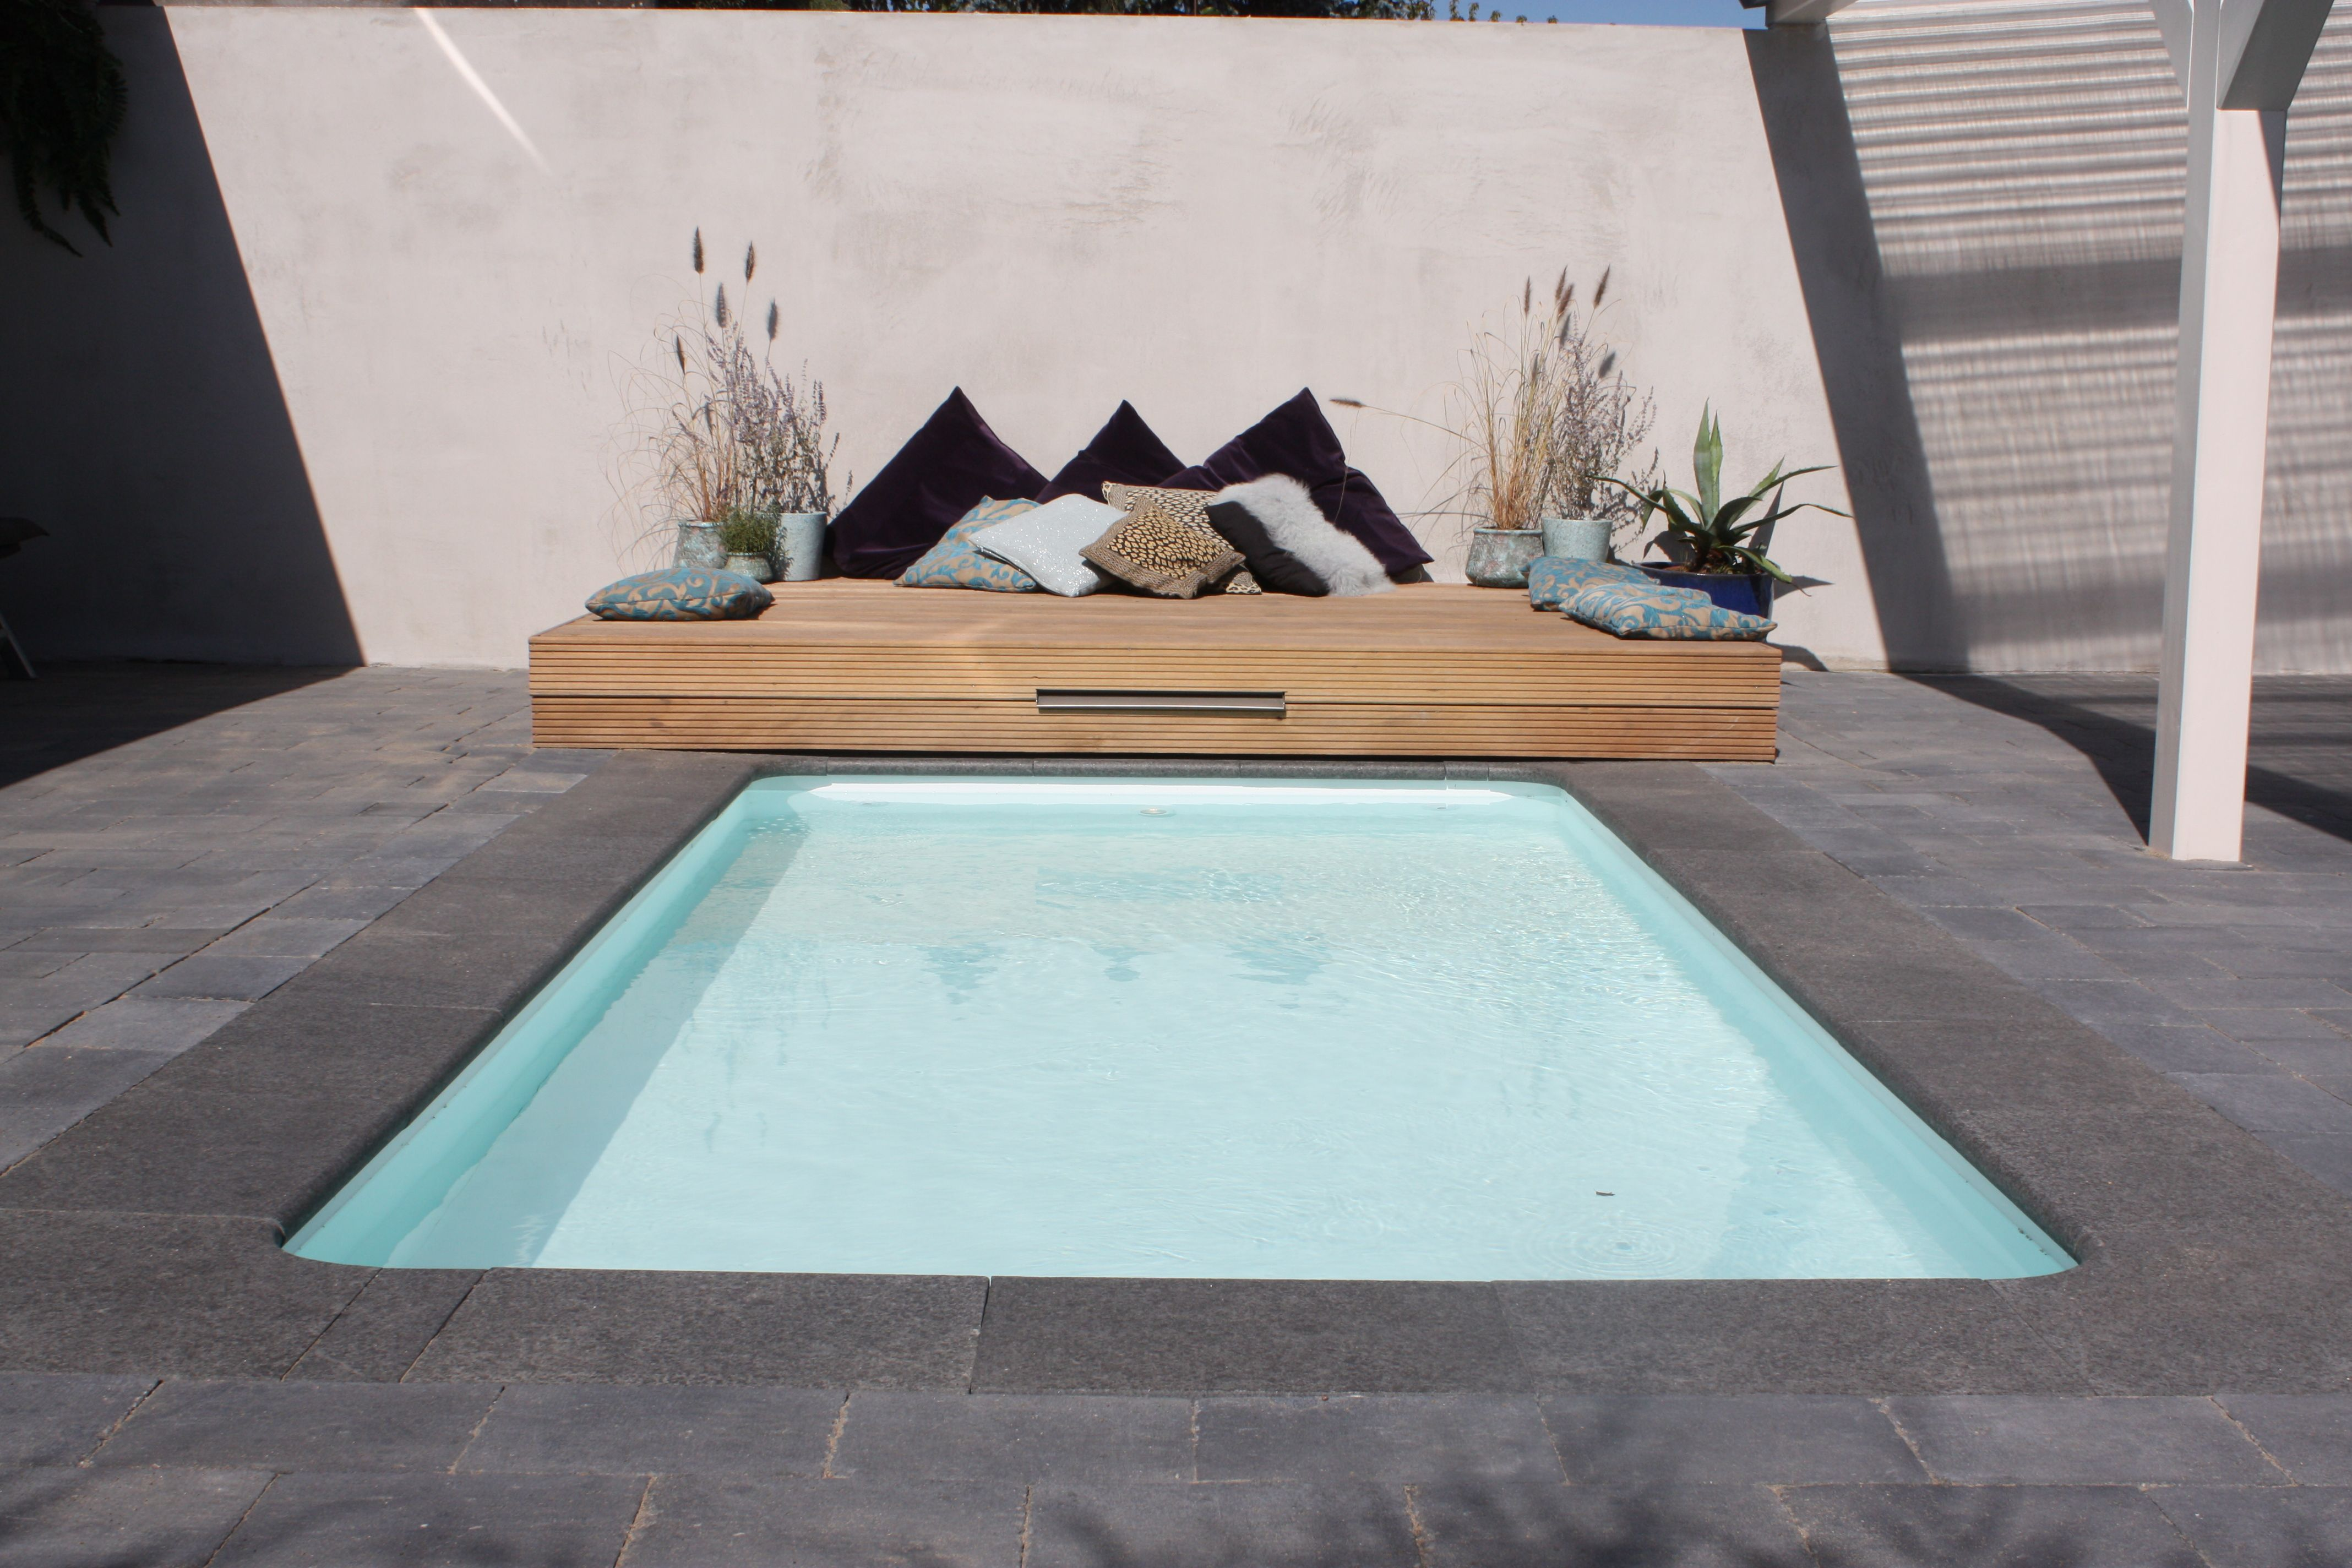 Klein zwembad met strakke uitstraling tr dg rdsinspiration pinterest inspiration - Klein natuurlijk zwembad ...